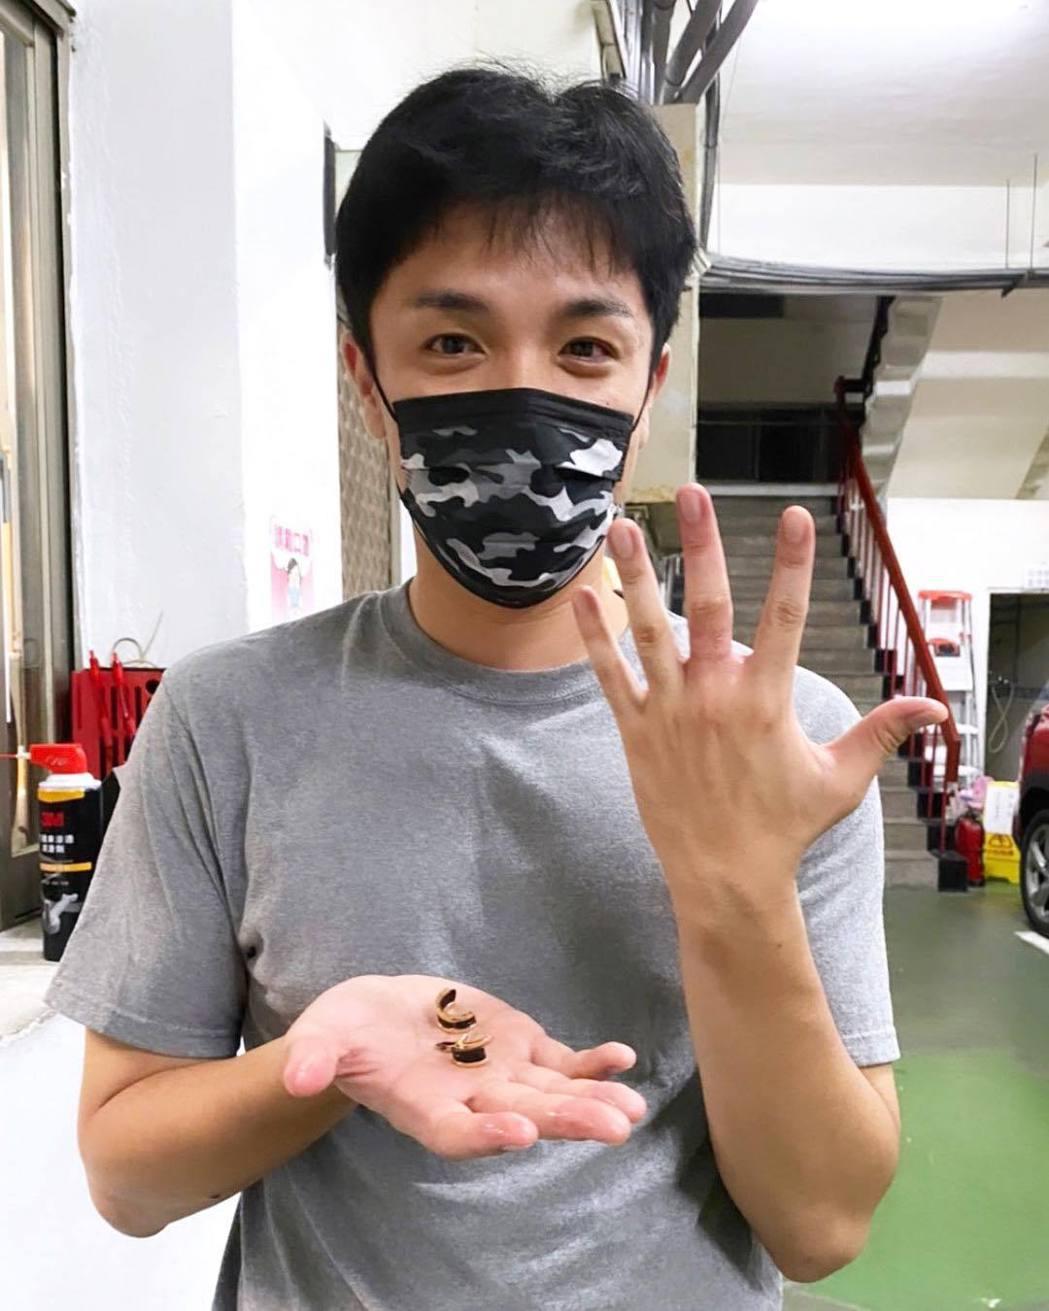 楊皓威半夜因戒指拔不下來急叩消防隊員最後成功搶救發紫的手指。圖/摘自臉書